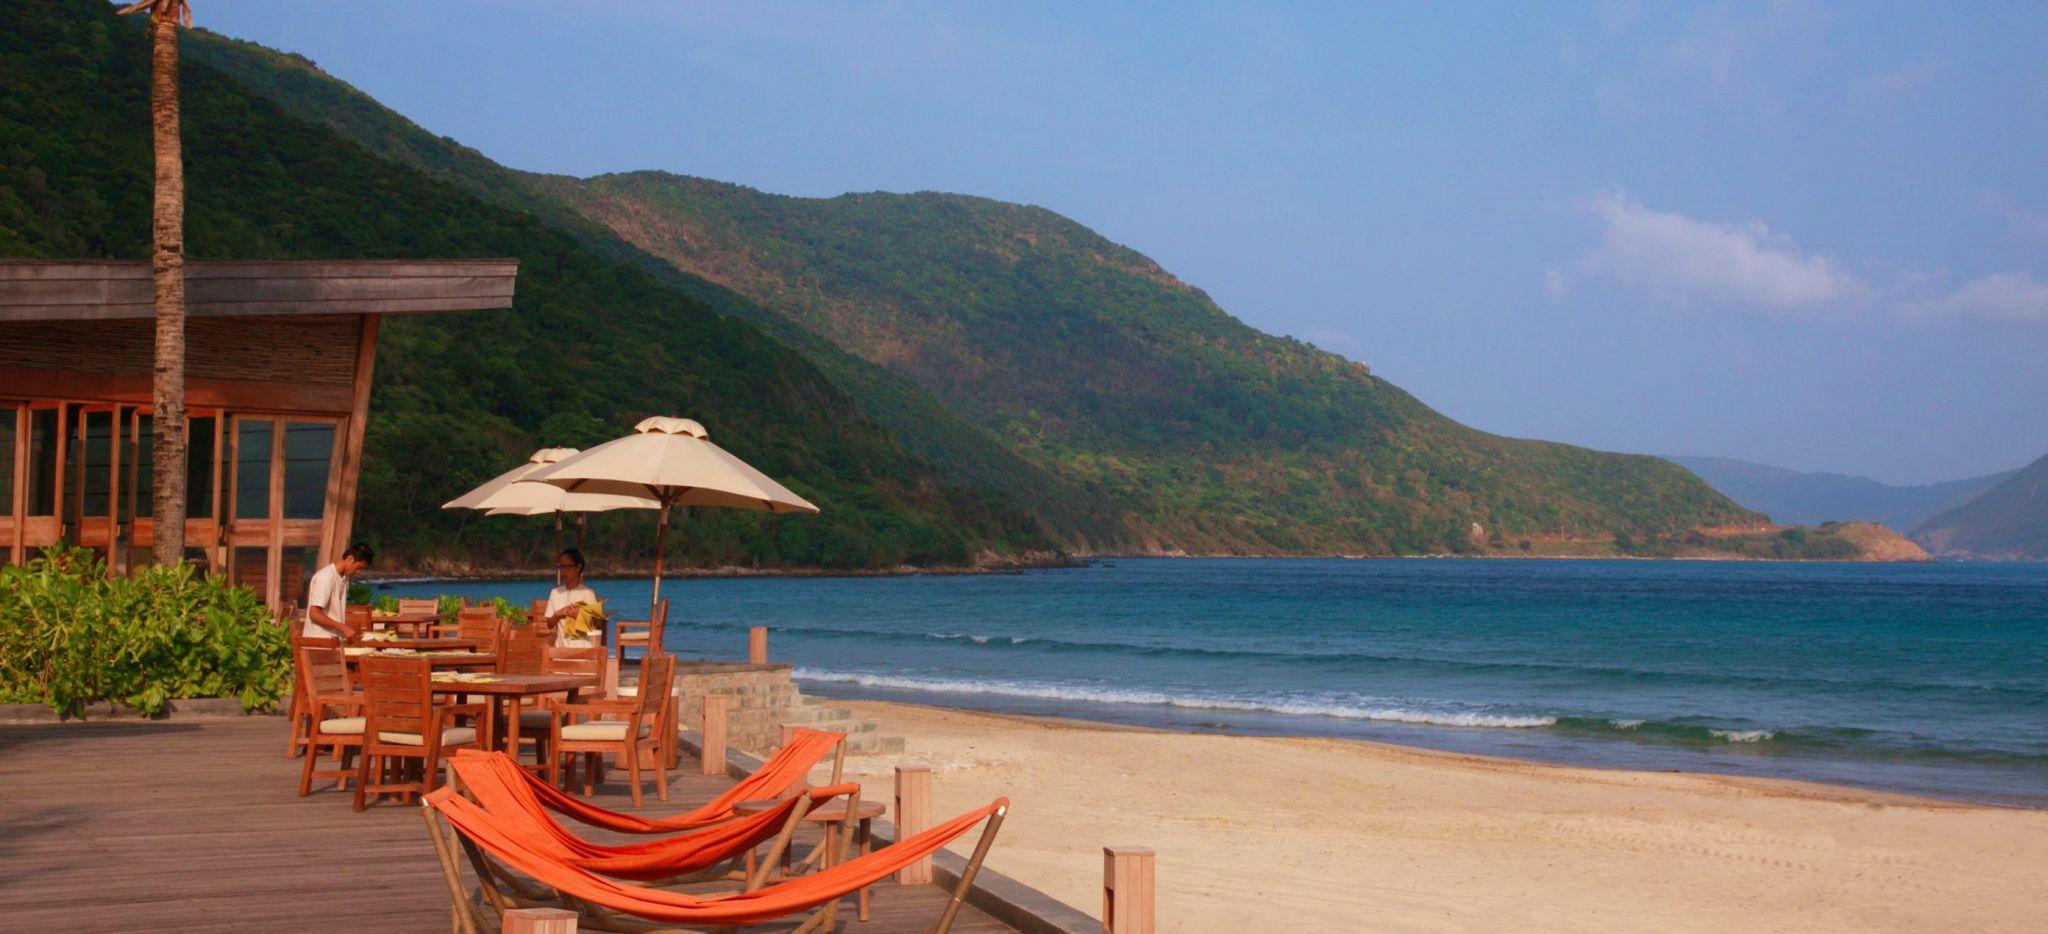 Hängematten auf einer Terrasse am Strand auf der Insel Con Dao